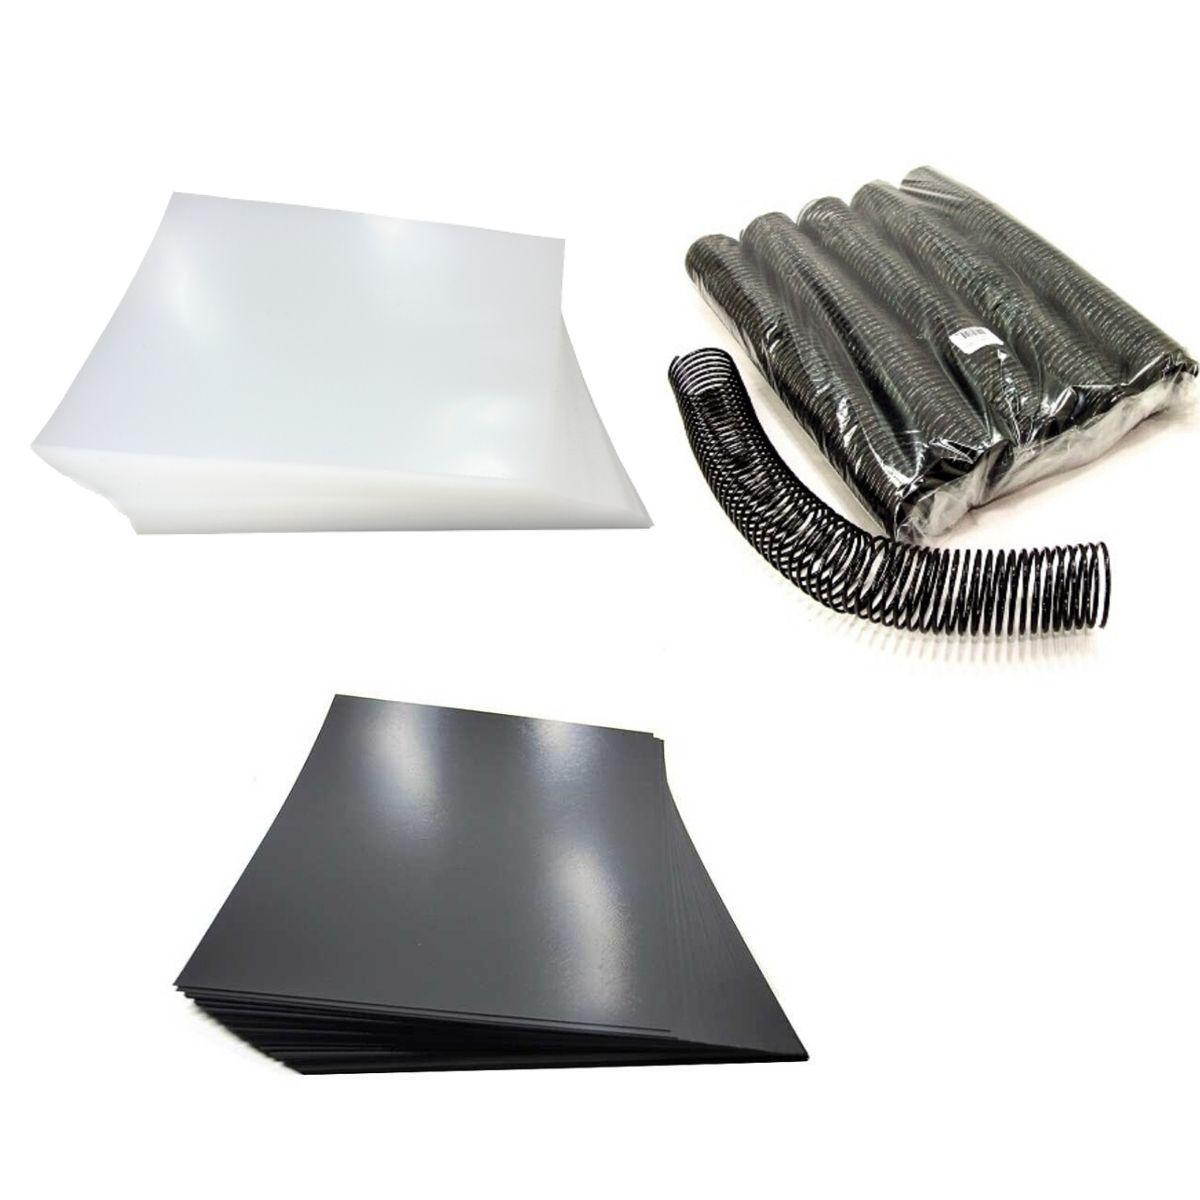 Kit 200 Capas e 15 Espirais Pretos para Encadernação 45mm até 400 Folhas  - Click Suprimentos